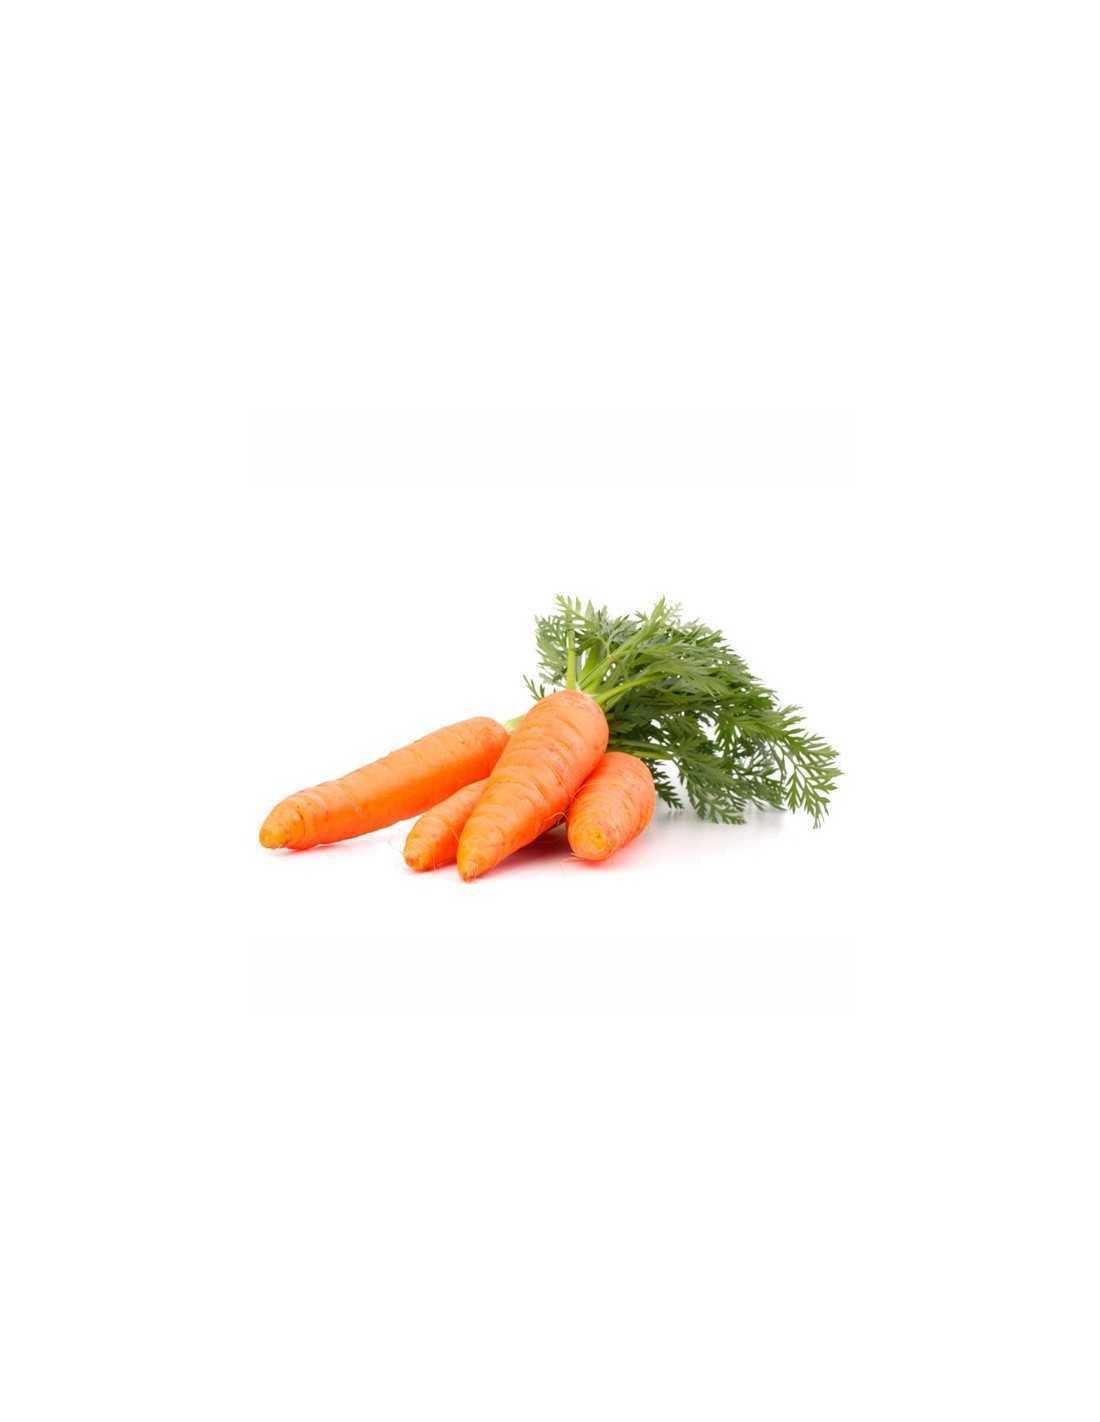 Zanahoria Subespecie sativus, la zanahoria, pertenece a la familia de las umbelíferas, también denominadas apiáceas. zanahoria